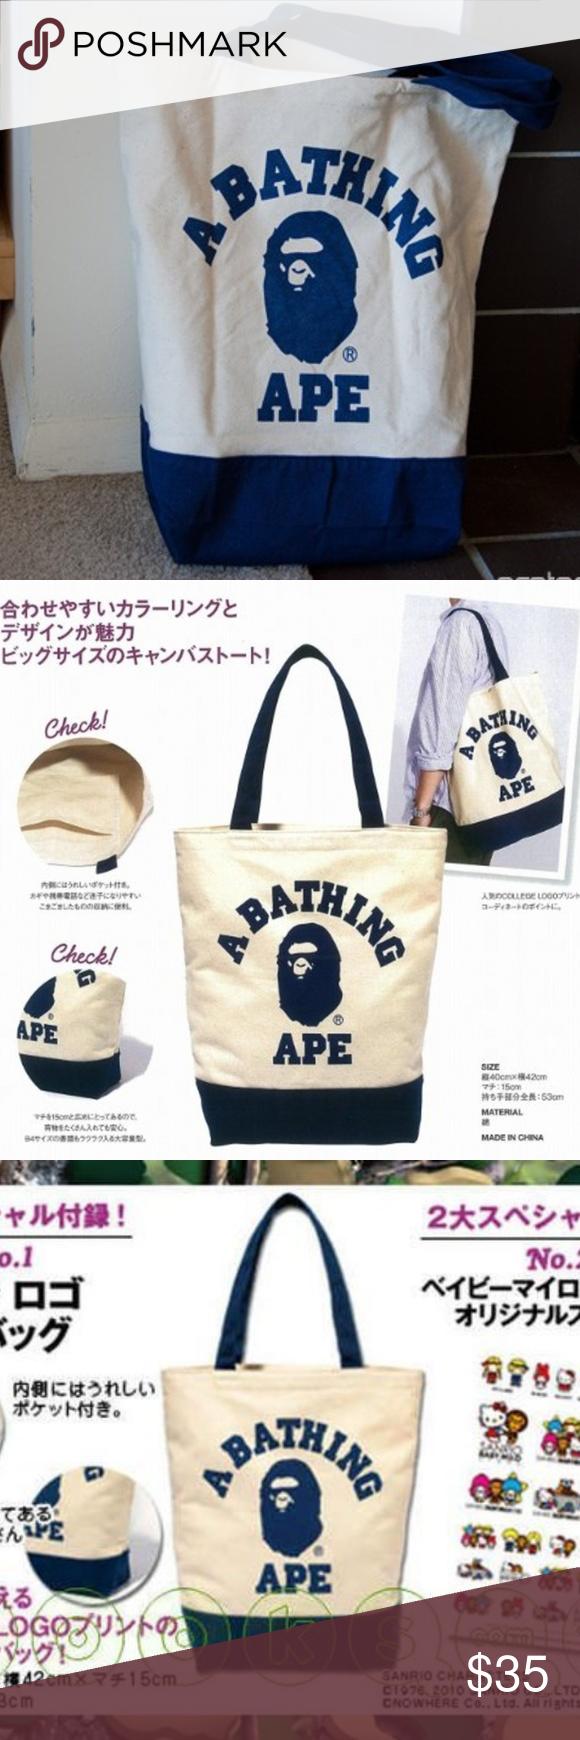 8a9d42fa1b5a New A Bathing Ape Bape Canvas Tote shoulder Bag Quantity  1 unit Bag  size 15.8